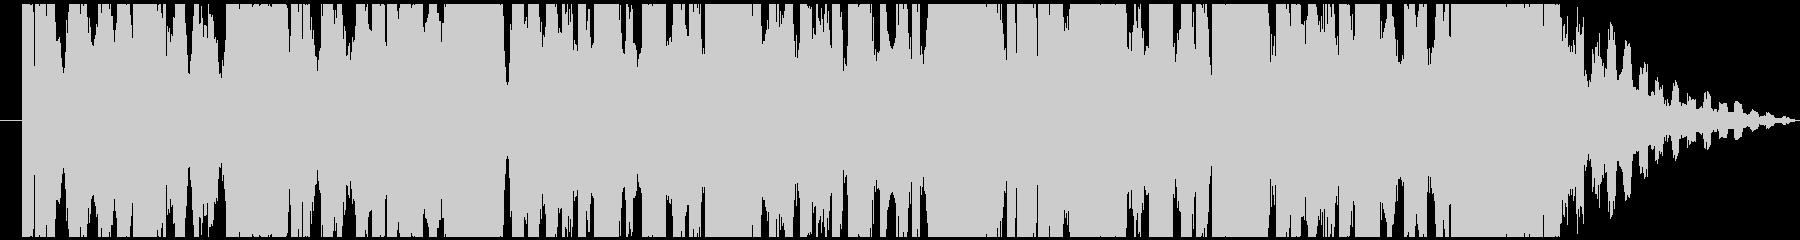 DUBSTEP、ポッドキャスト、オープの未再生の波形